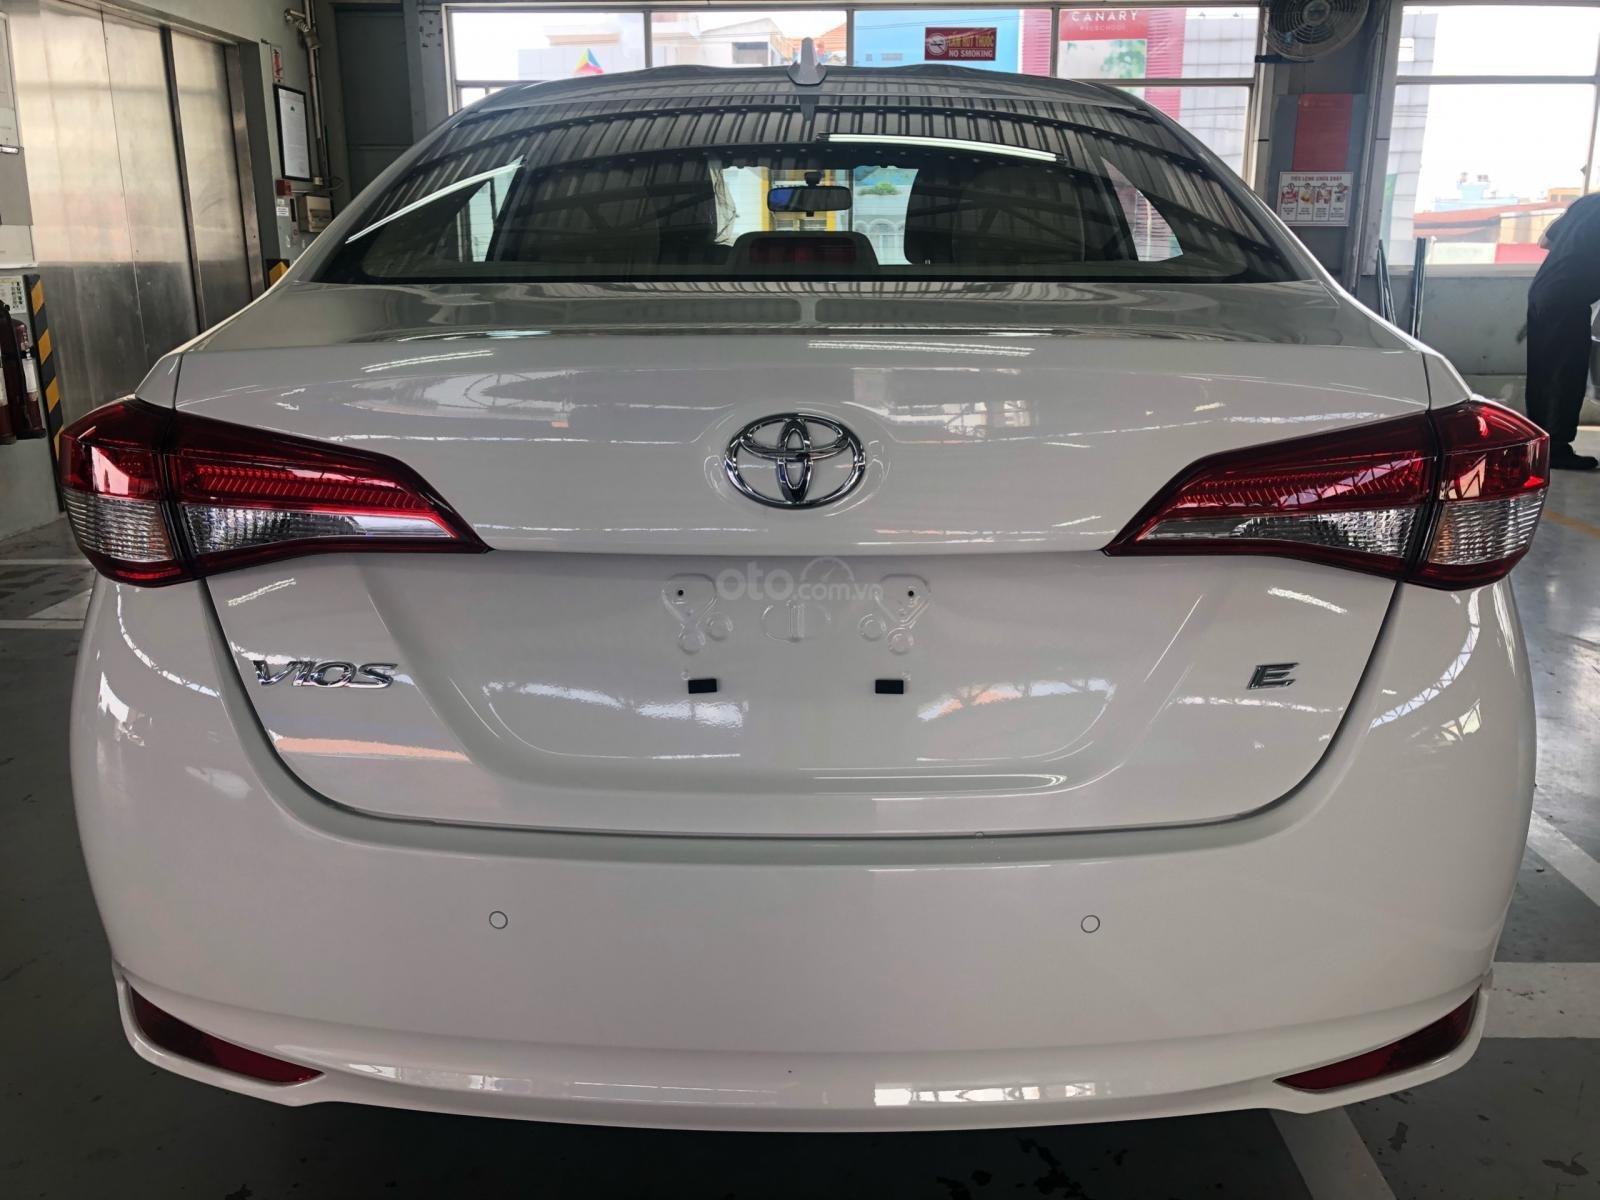 Toyota Hùng Vương Toyota Vios G, giá chỉ 520 triệu, giao ngay, đủ màu (3)